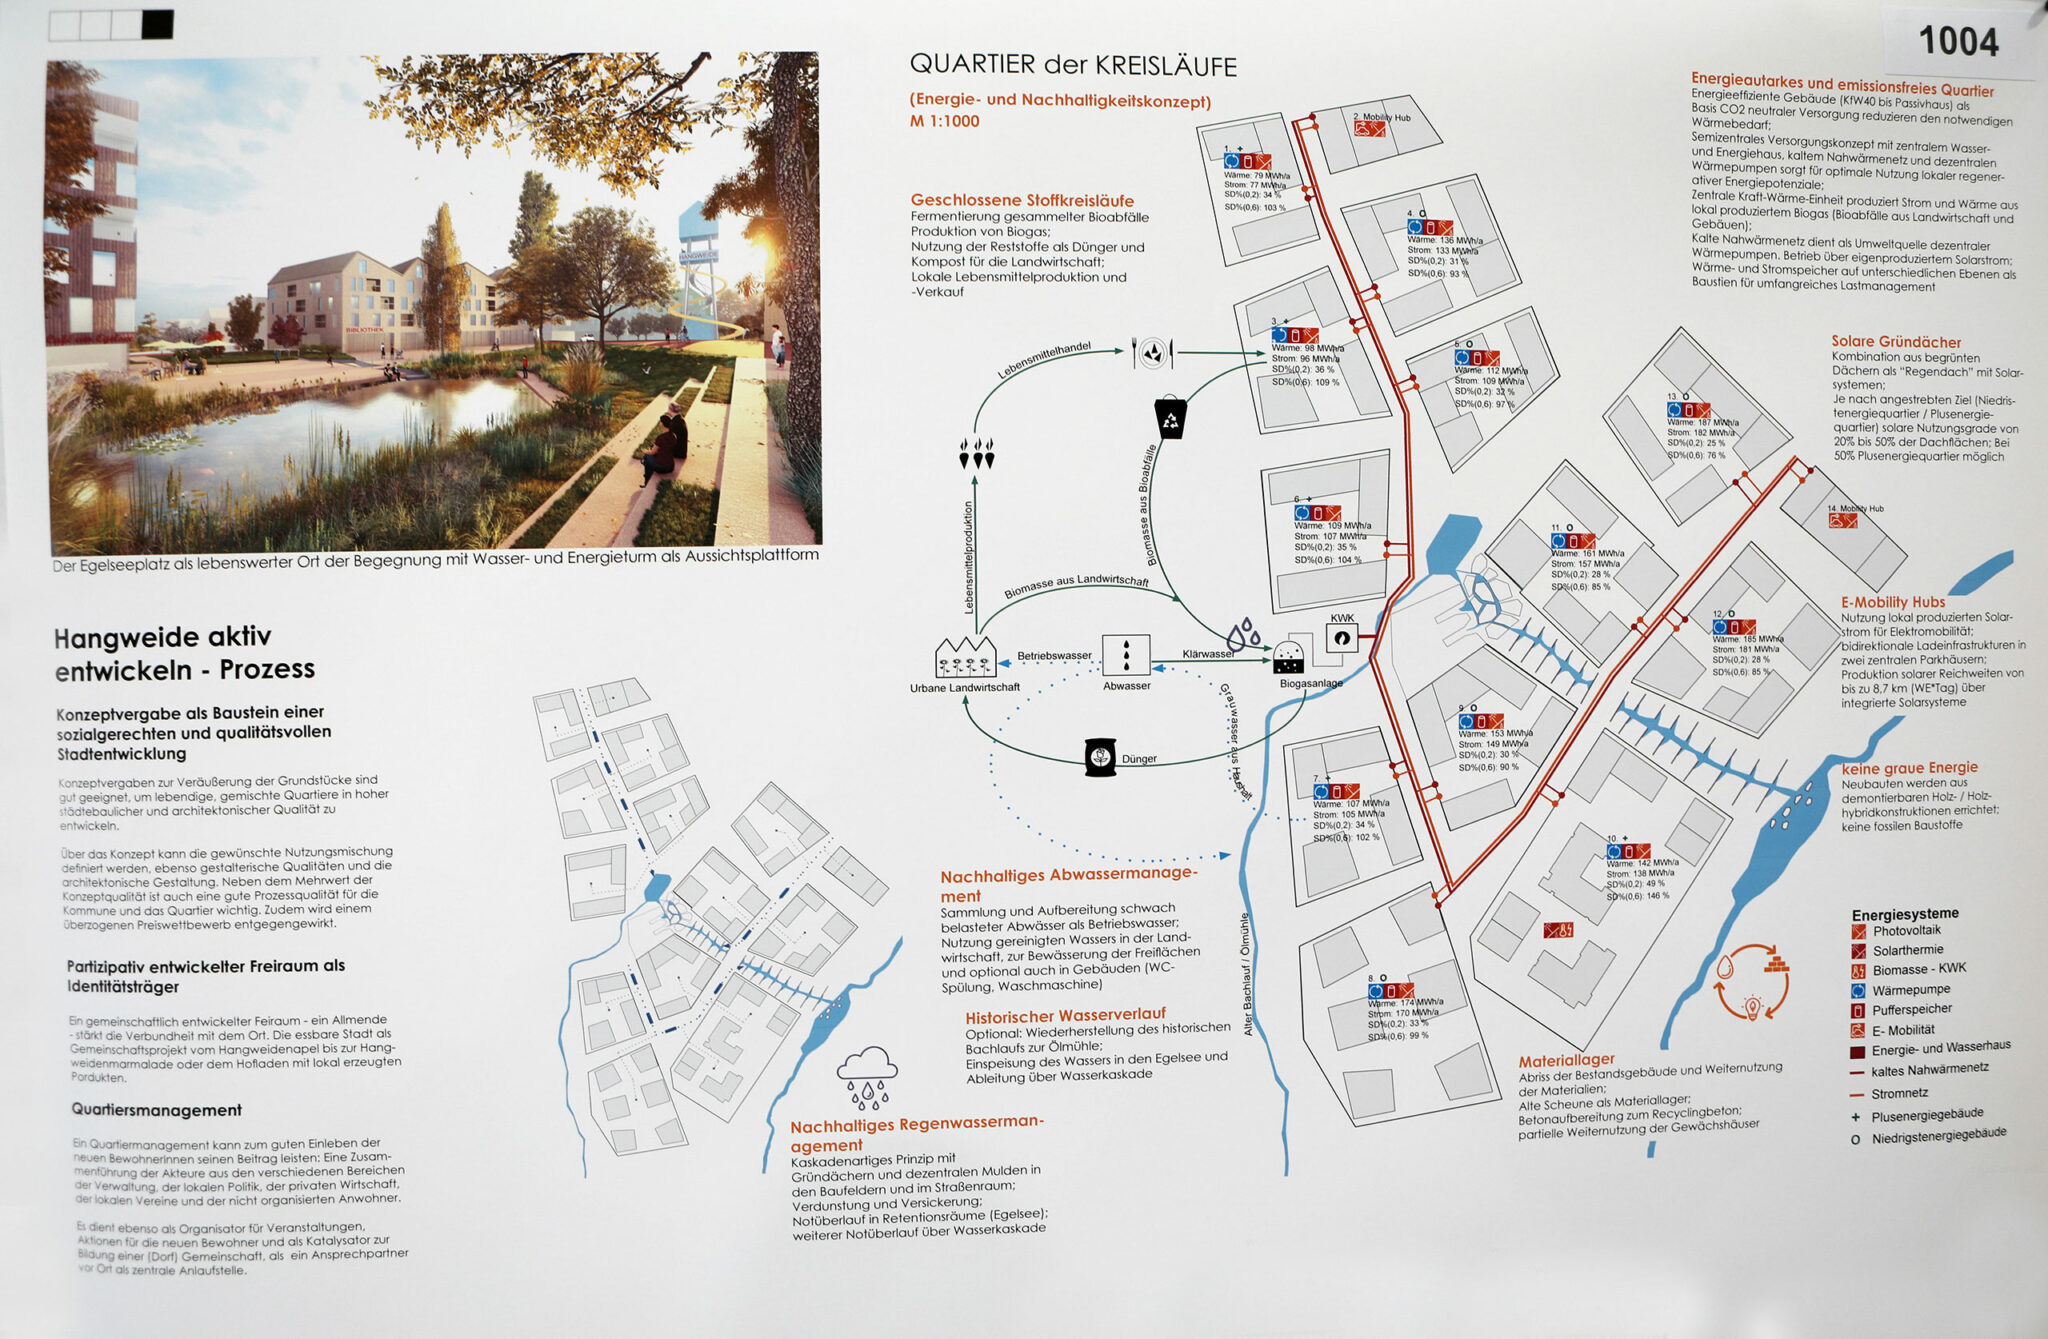 Städtebaulicher Entwurf für die Hangweide / Kernen im Remstal (UTA Architekten und Stadtplaner / Sima | Breer Landschaftsarchitektur; Bild: Alexandra Palmizi)